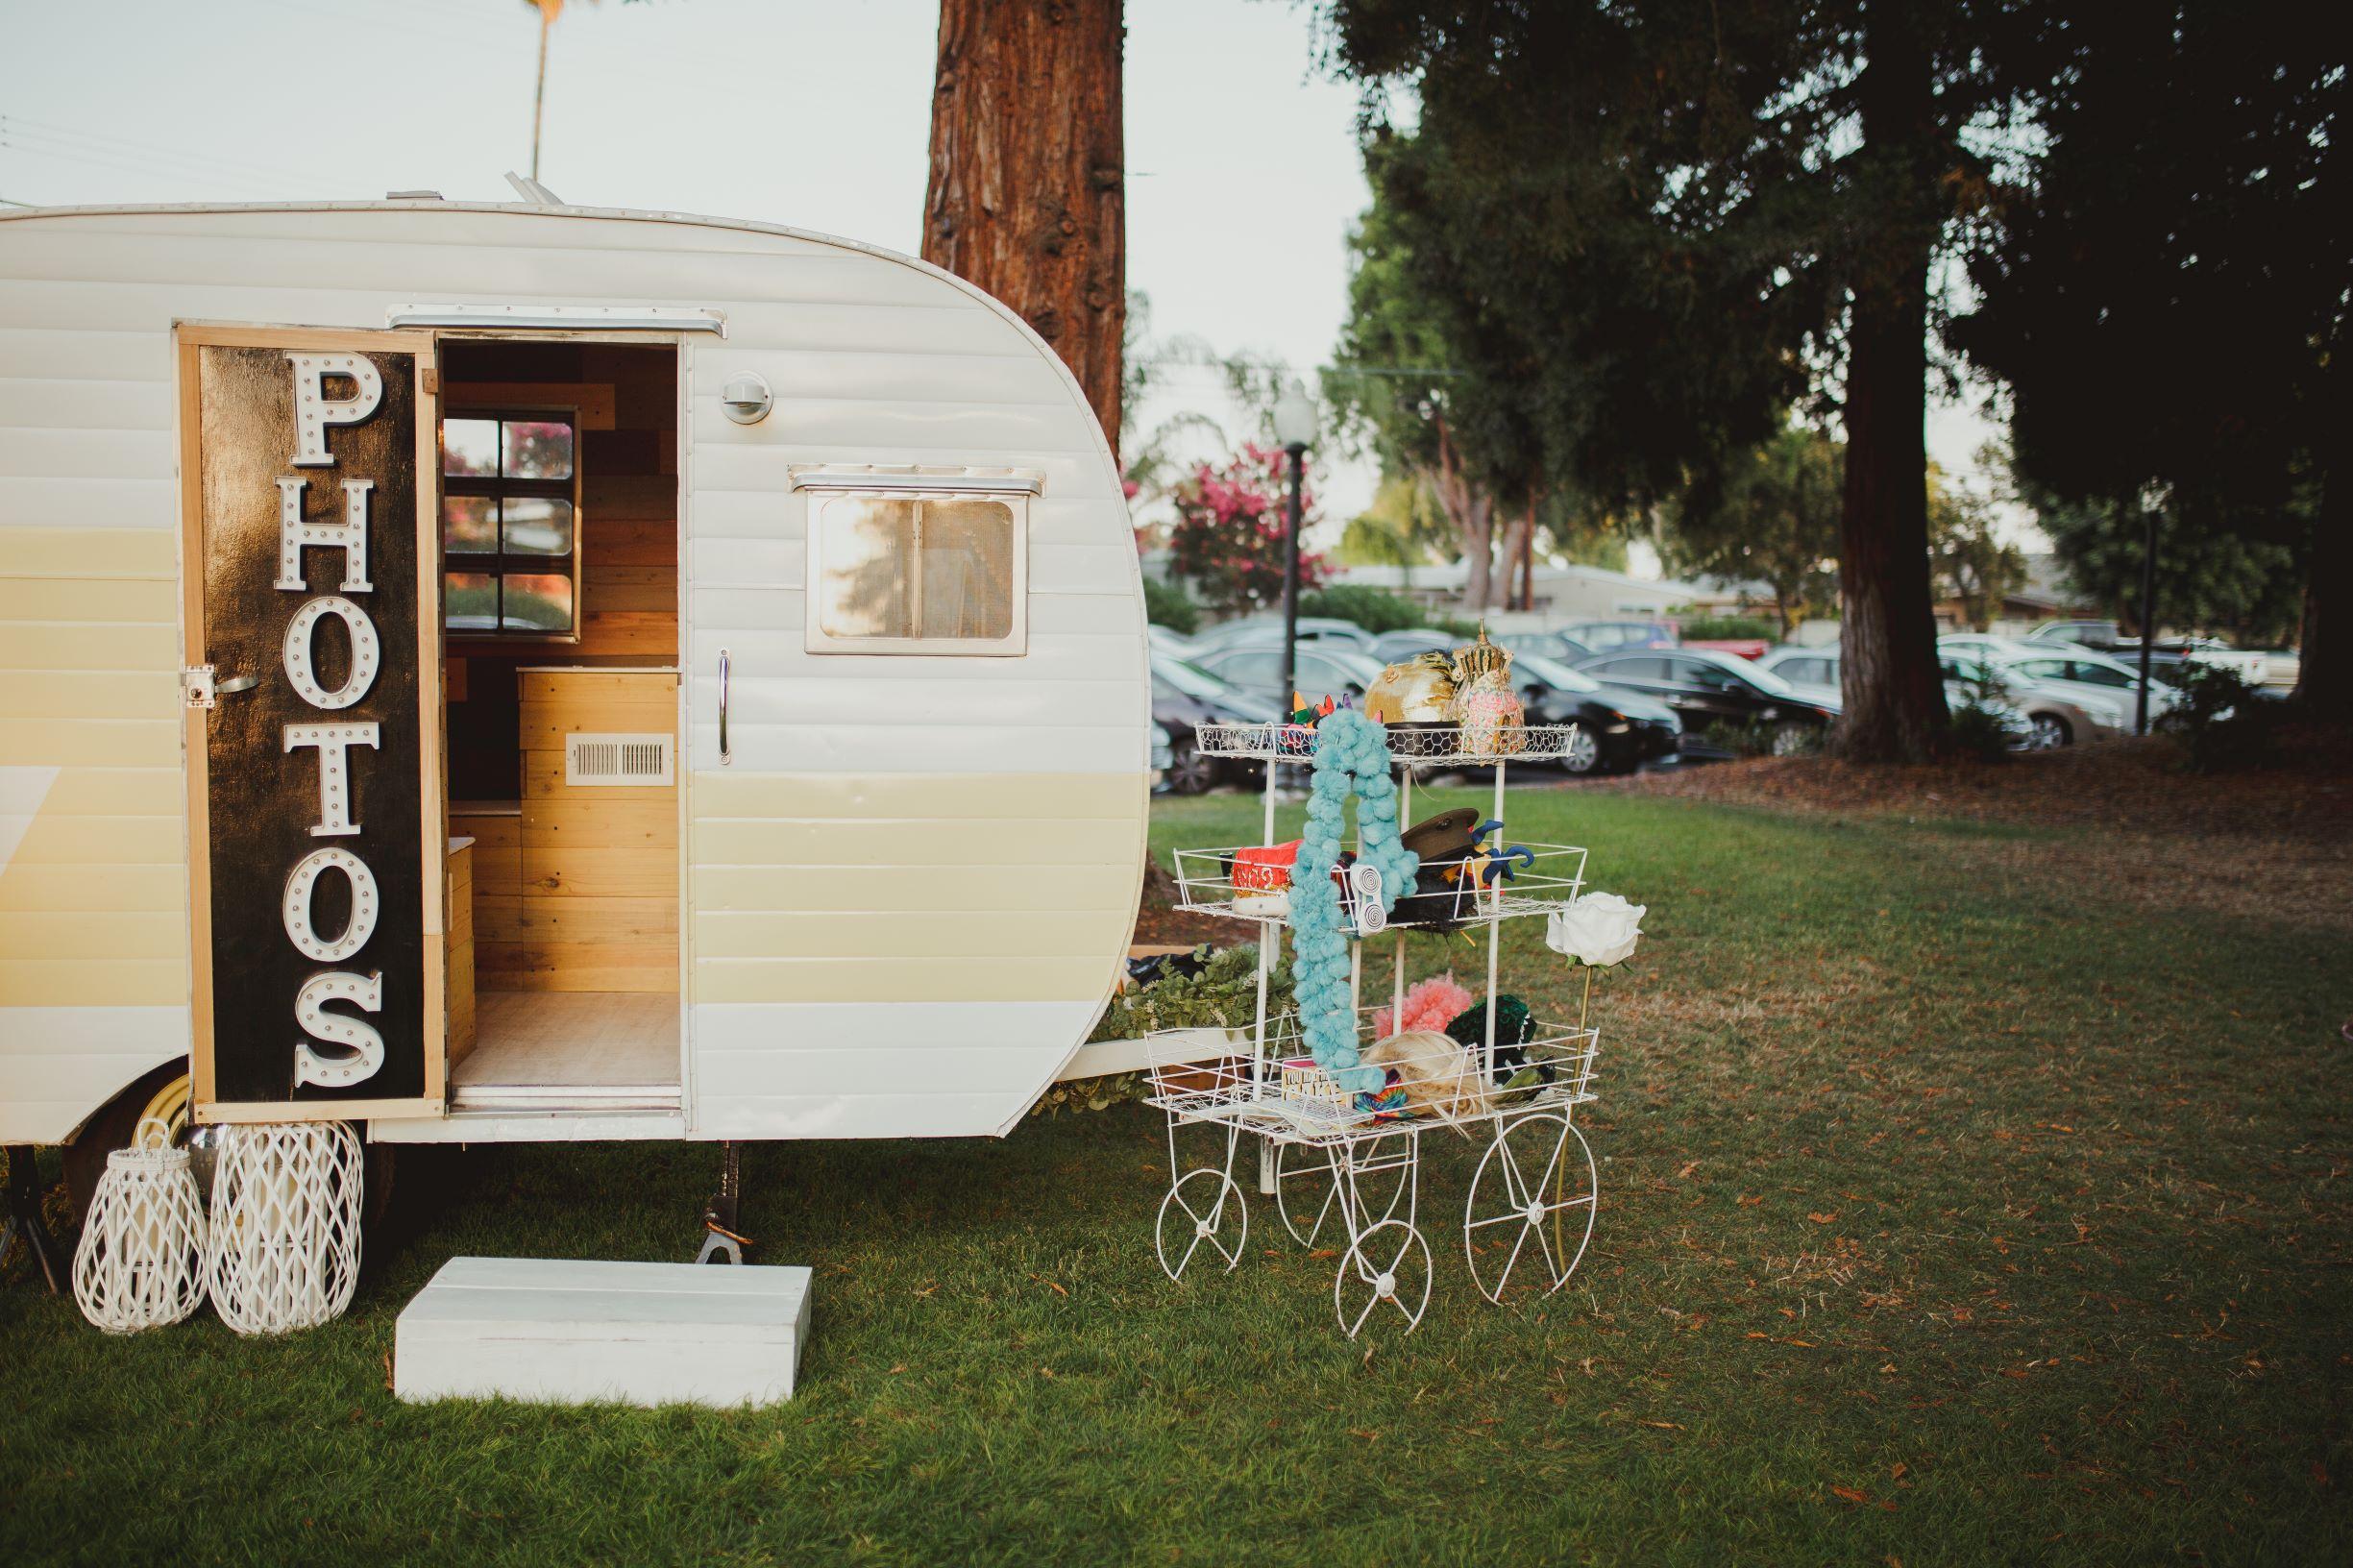 Vintage Camper Photo Booth - Santa Clara, Ca